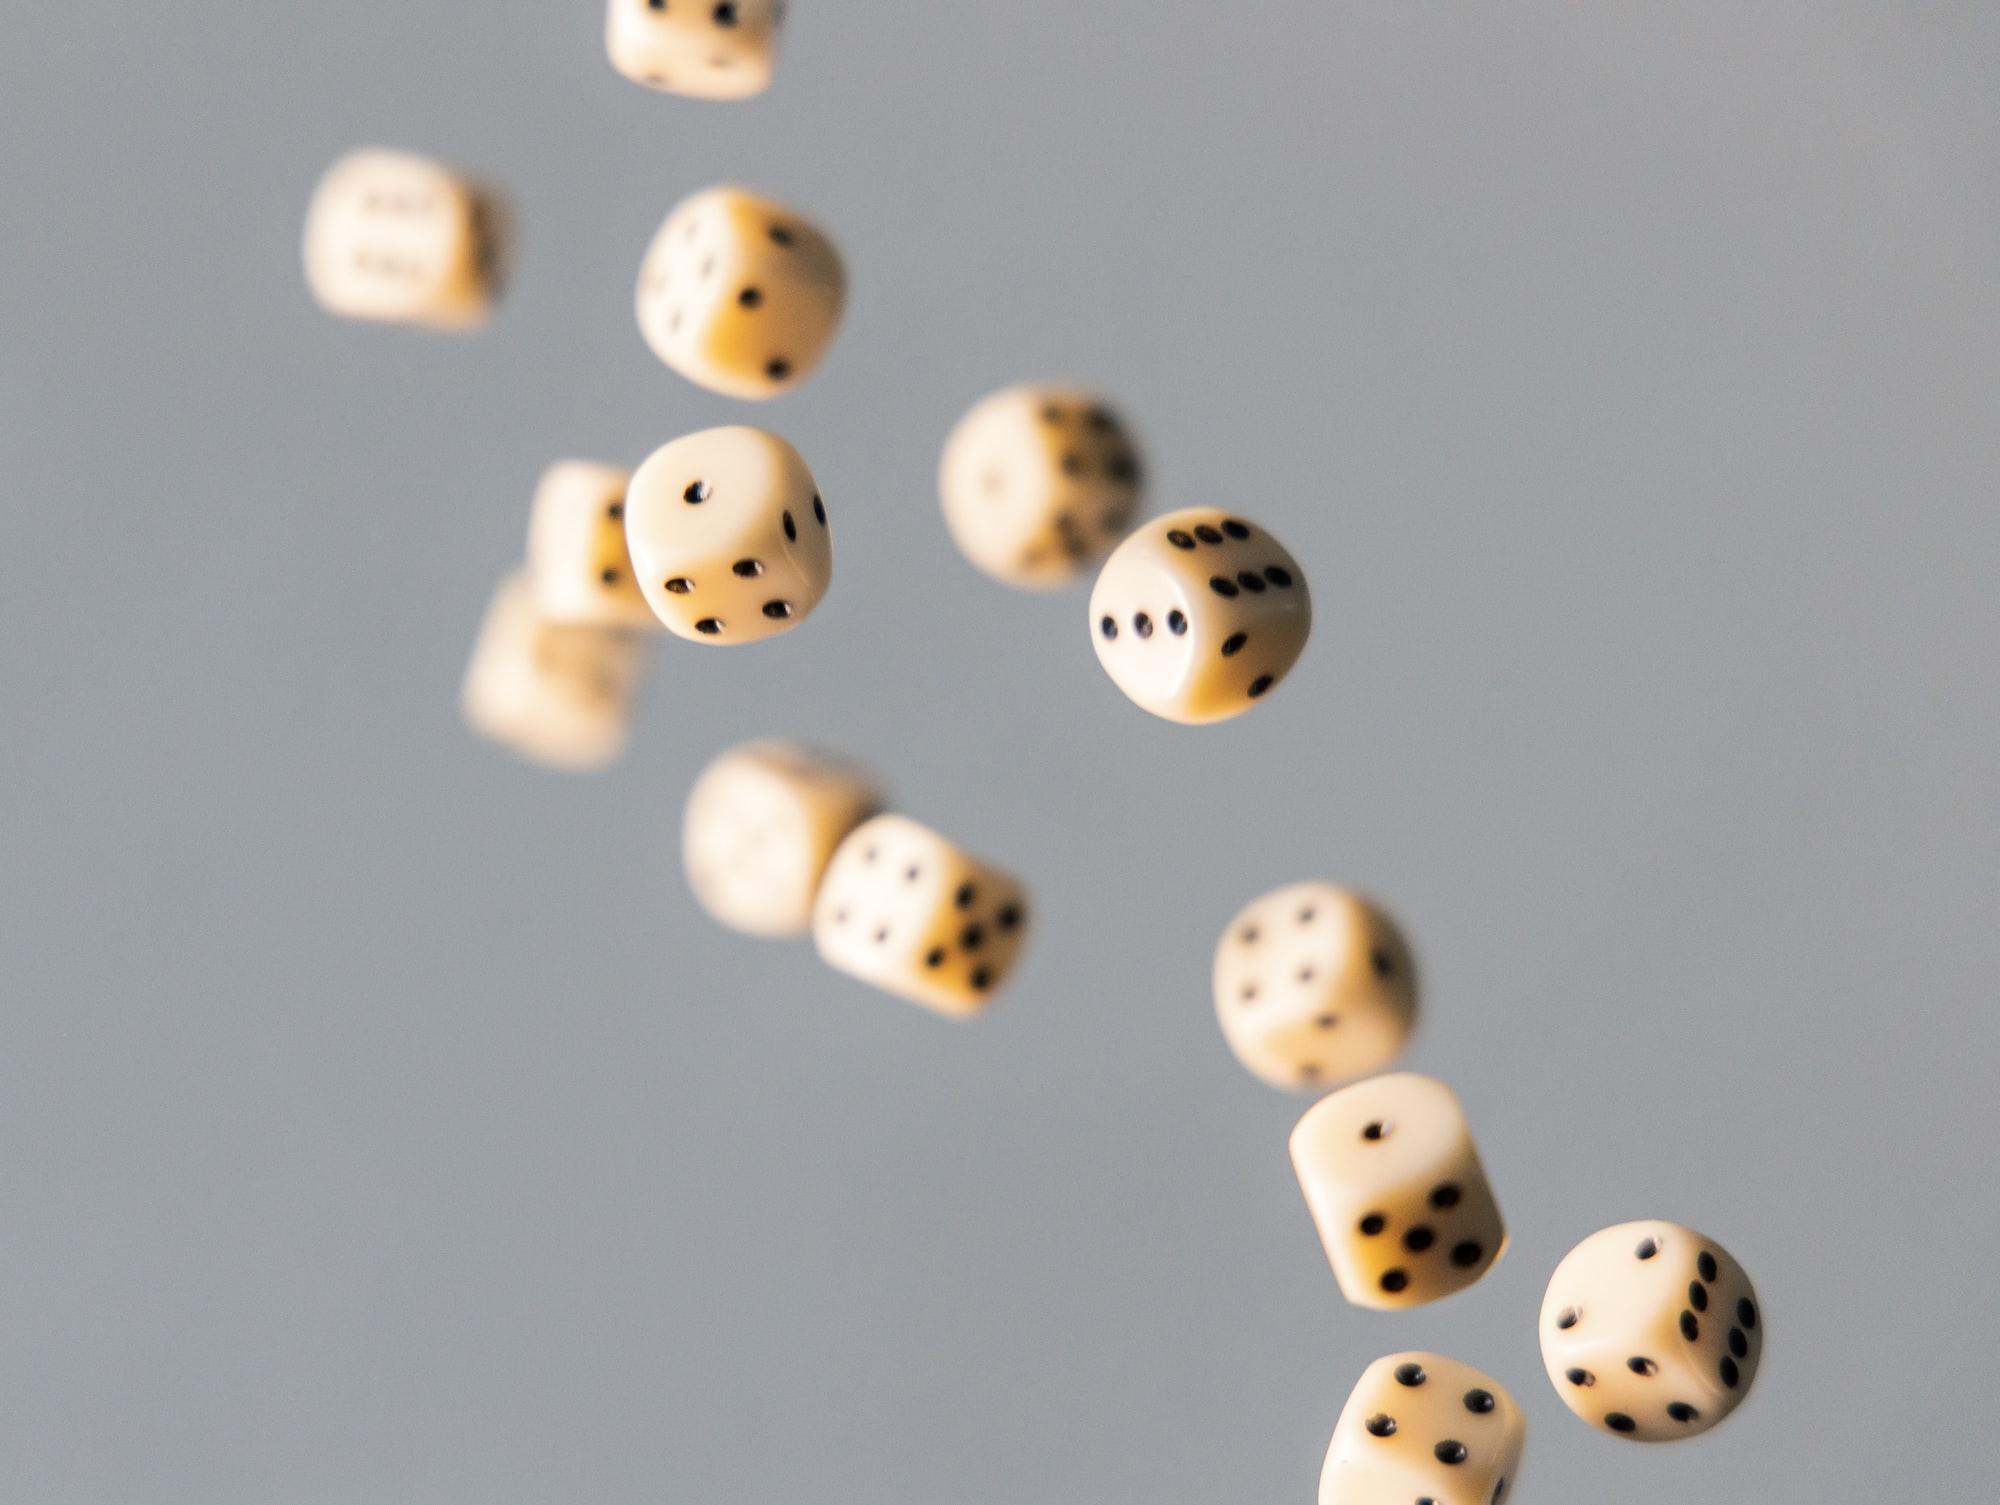 Estrazioni Lotto, Superenalotto e 10eLotto 20/05/21: i numeri vincenti